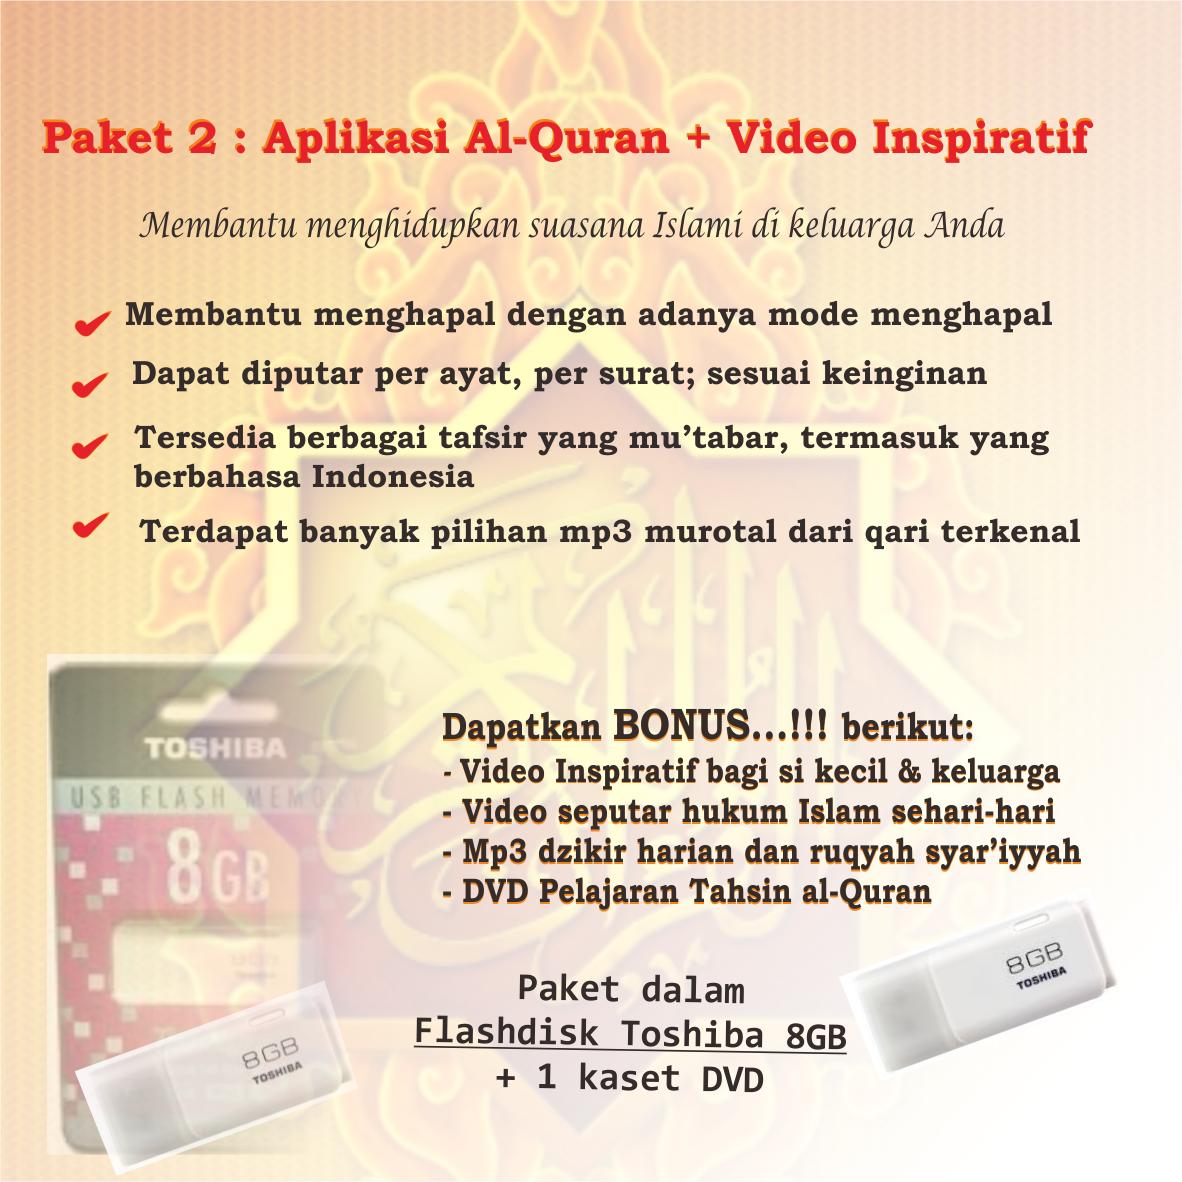 Paket Flashdisk 8gb Islami Oke Banget 1 Video Toshiba 8 Gb Animasi